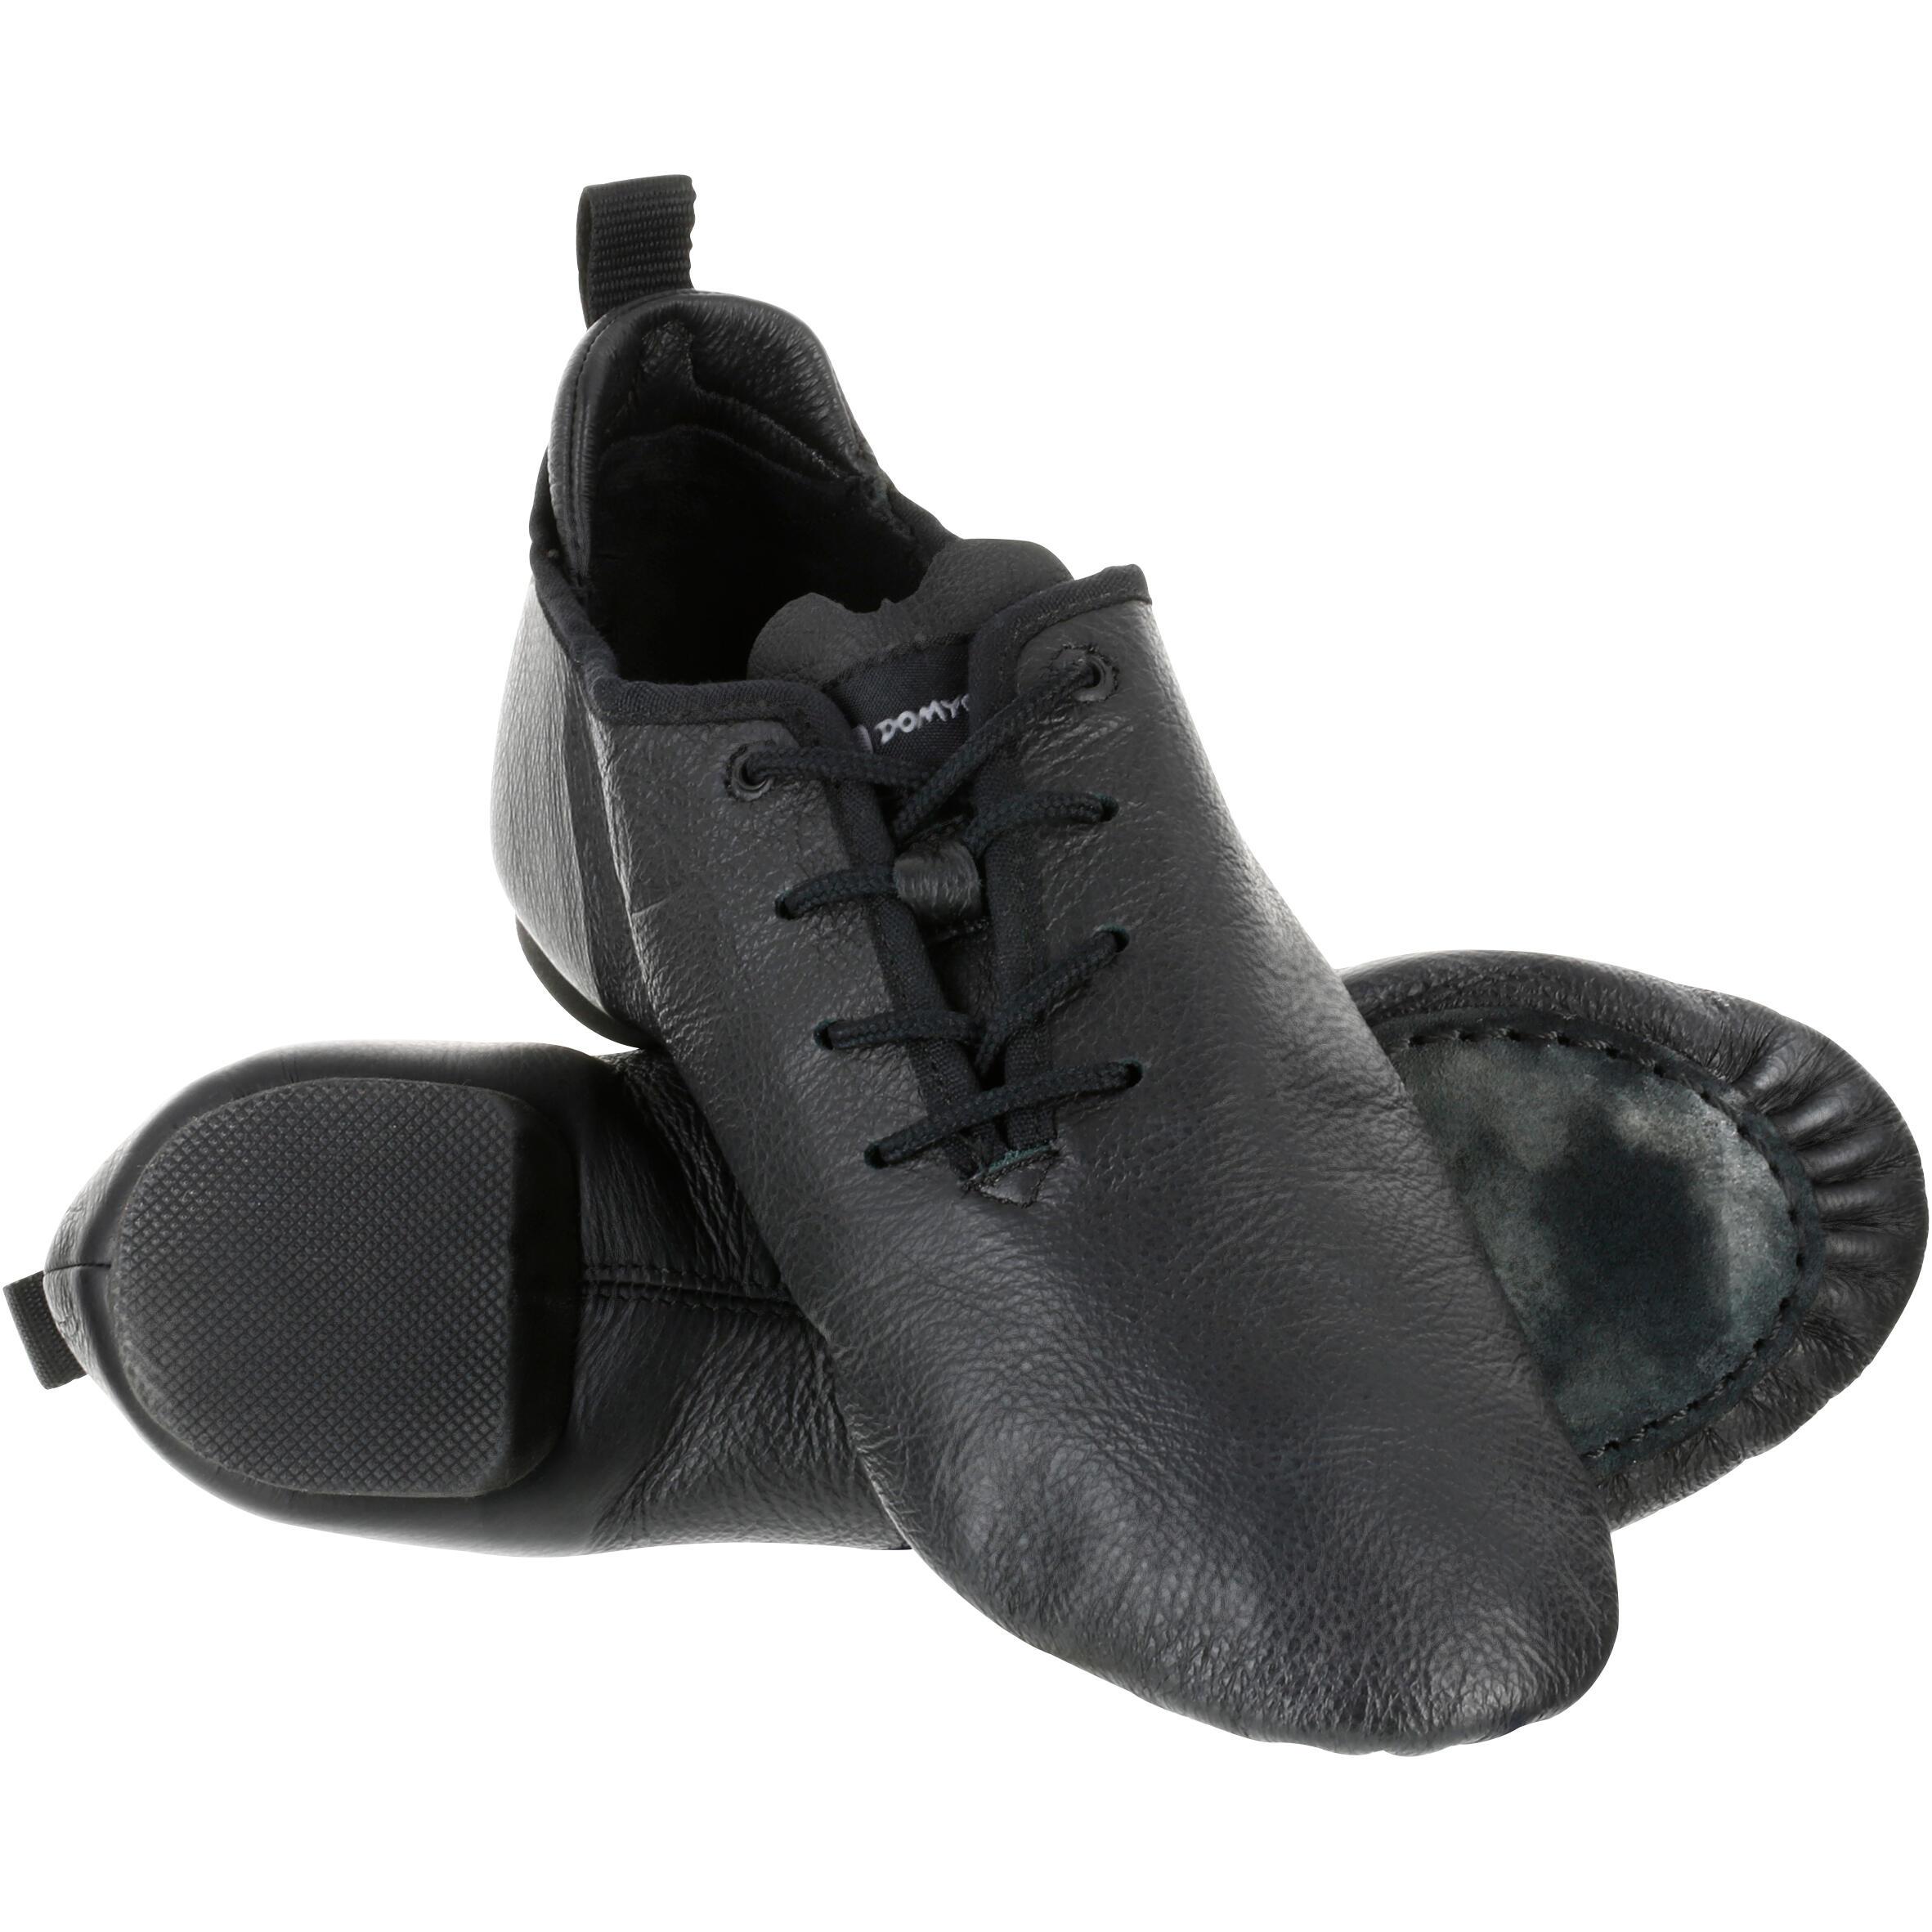 Chaussons de danse moderne en cuir souple à bi semelle noir domyos